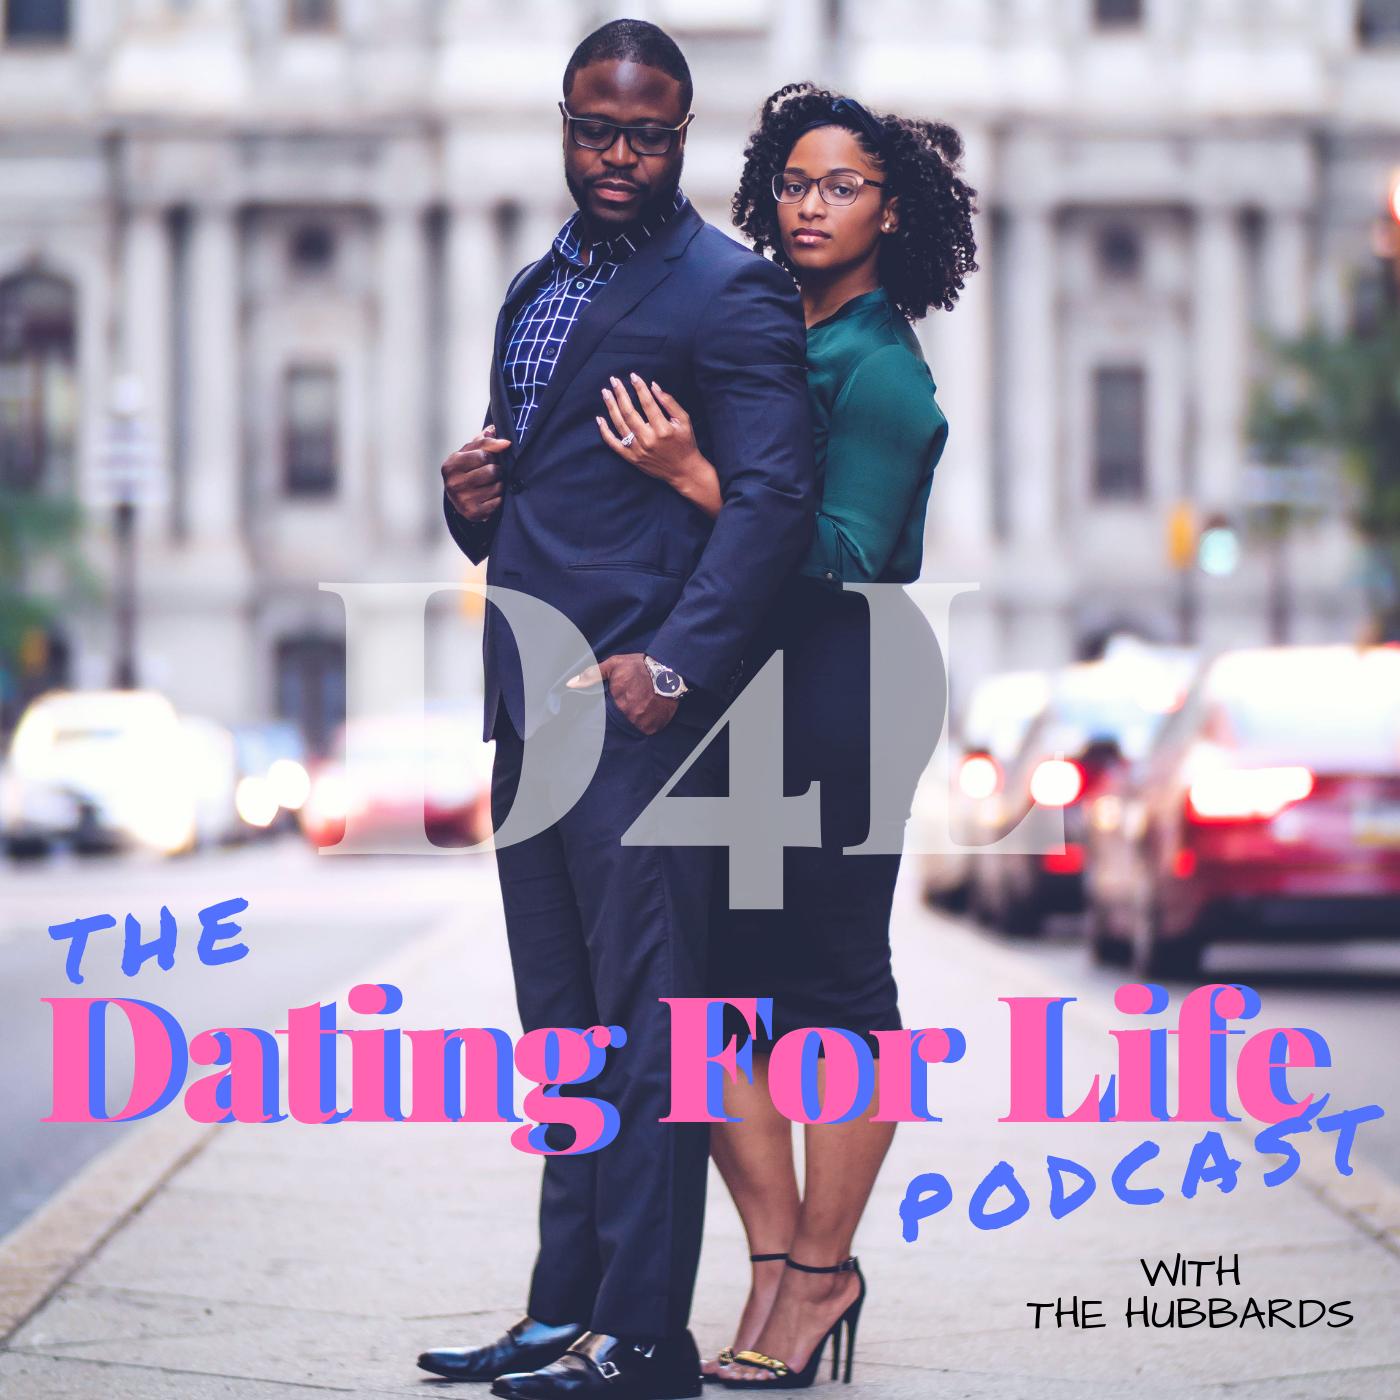 dating podcast 10 bud av dating datteren min